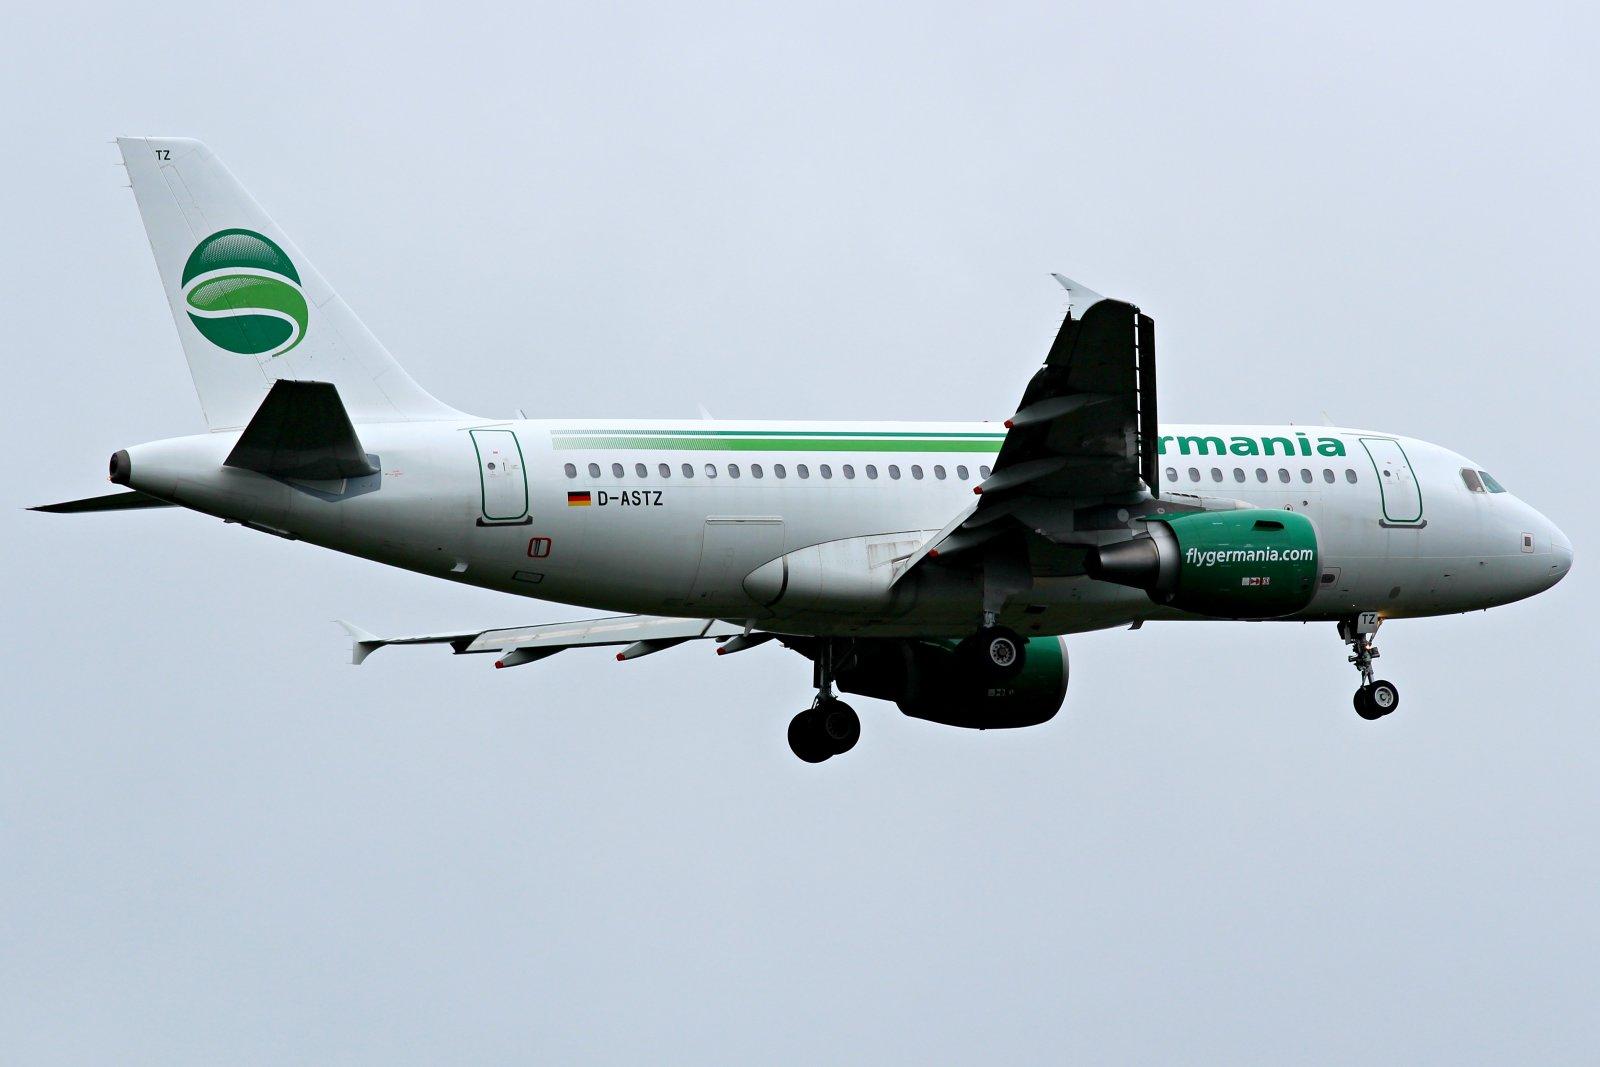 D-ASTZ Germania Airbus A319-112